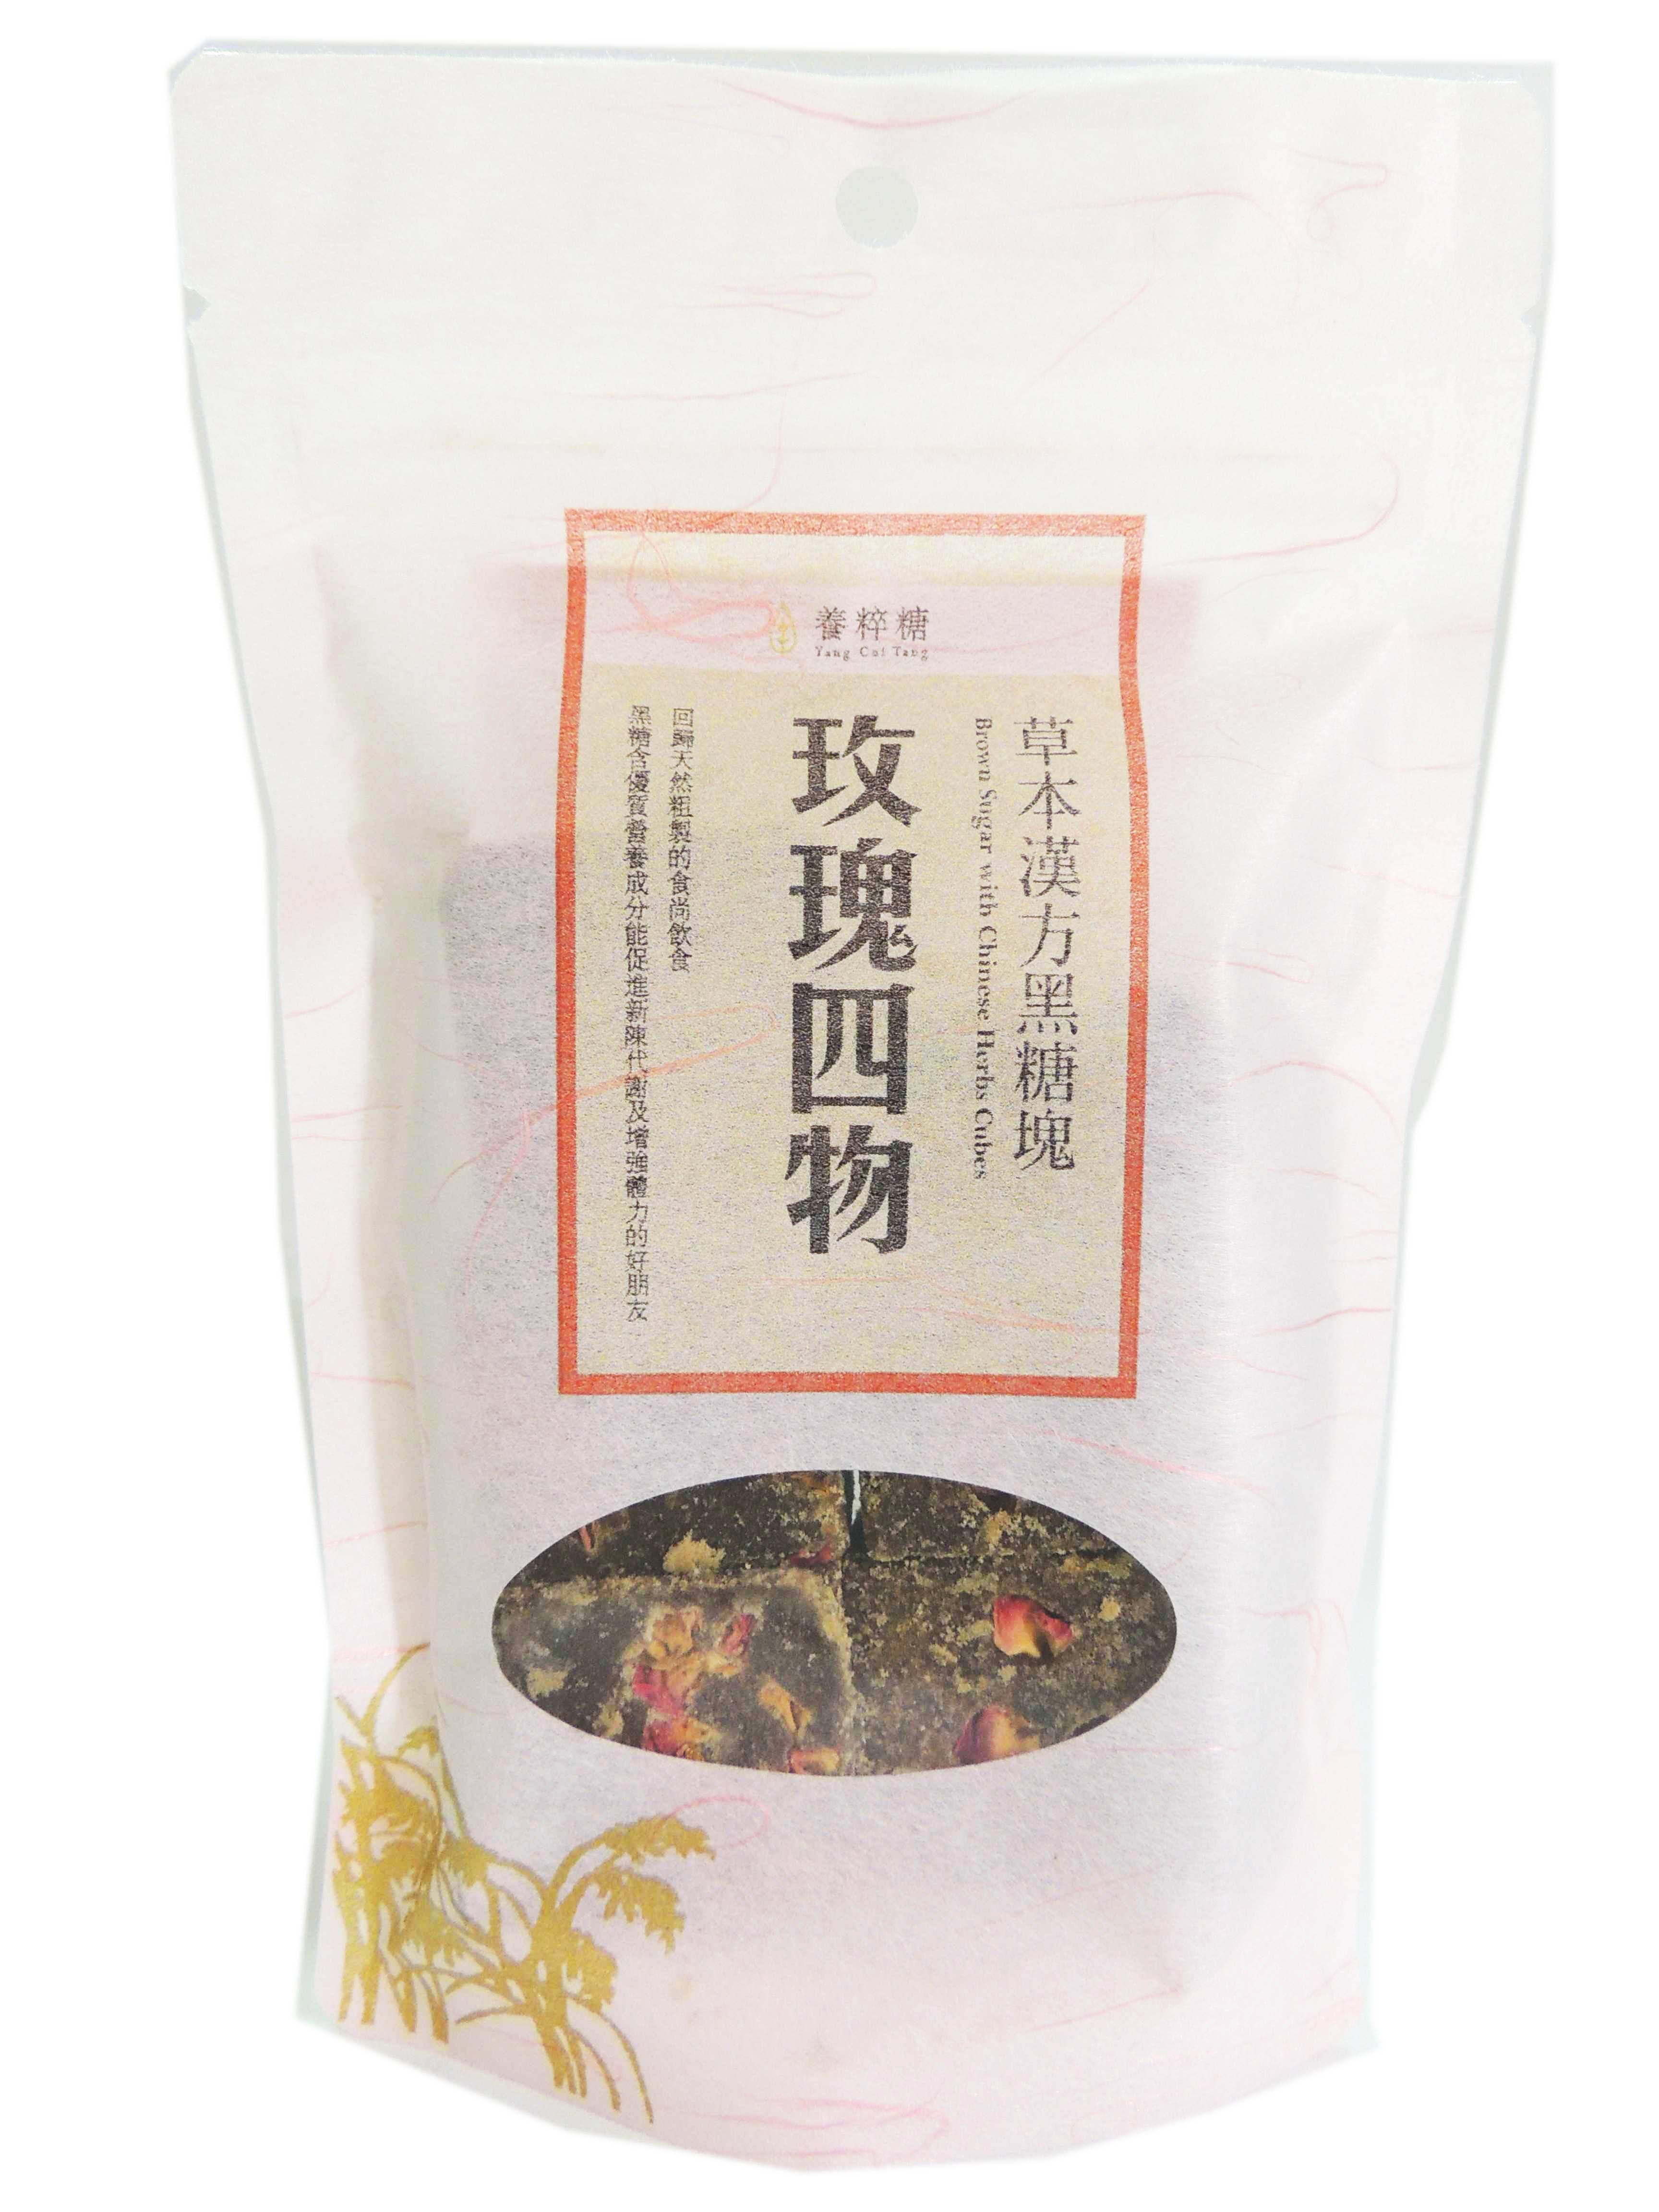 【KTmiss】養粹糖 草本漢方黑糖塊-玫瑰四物